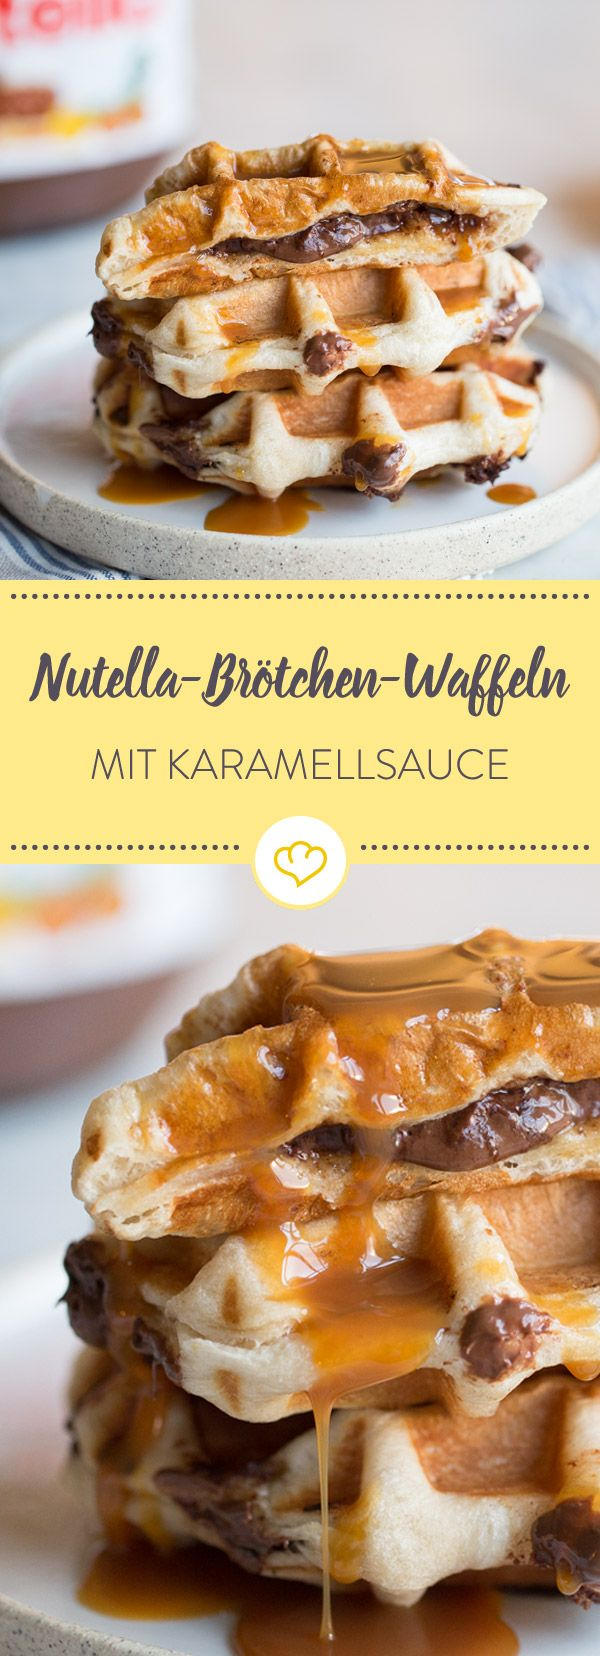 Frühstück aus dem heißen Eisen: Nutellabrötchen-Waffeln – Linda